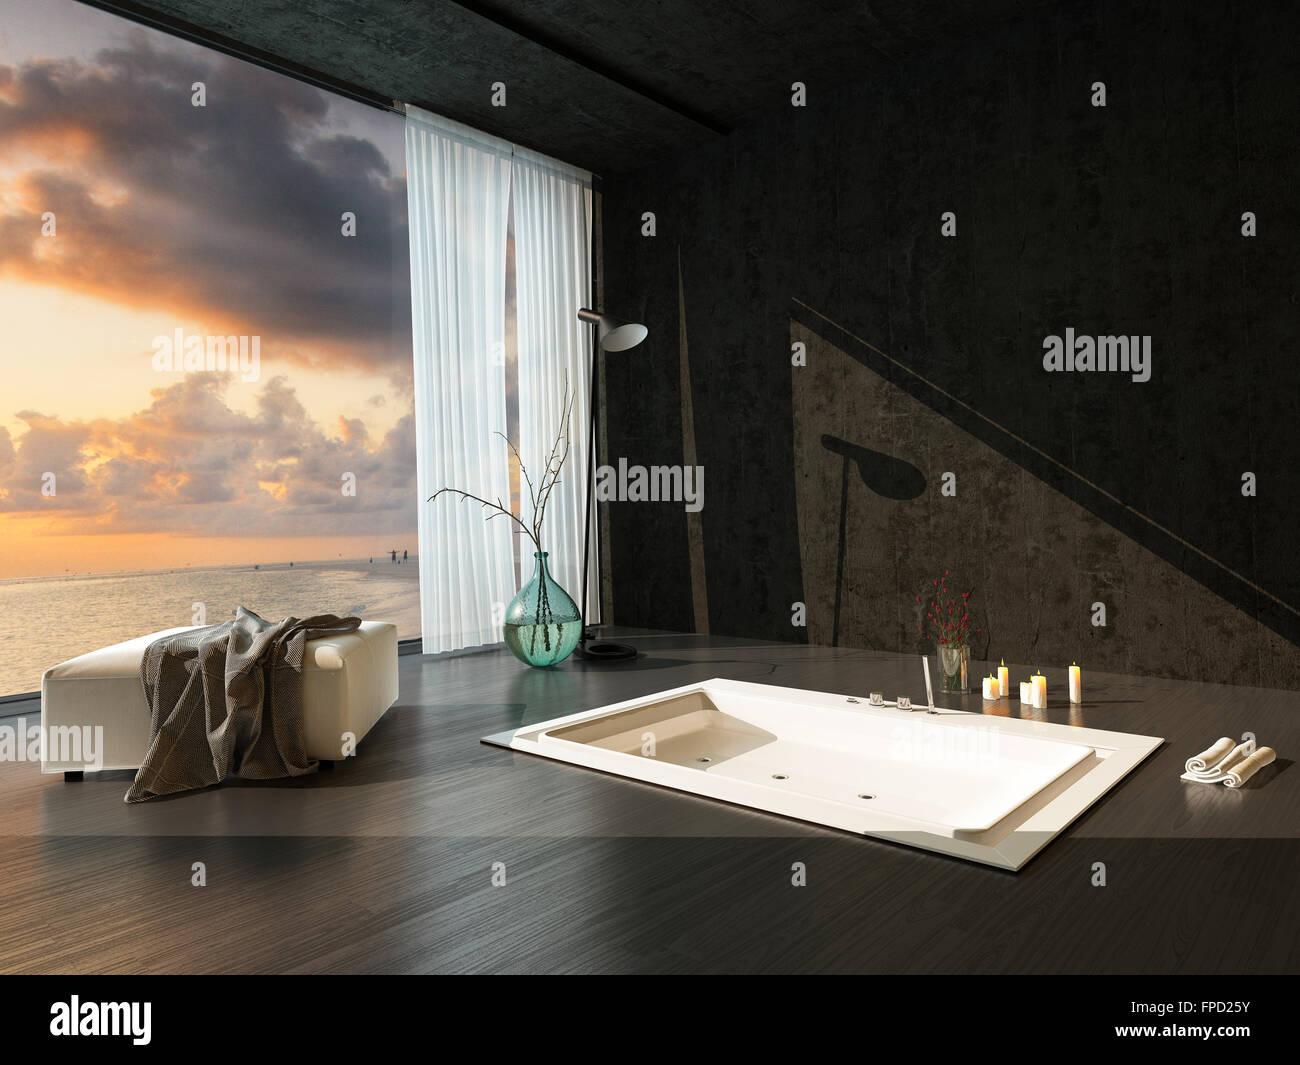 baignoire encastr e romantique dans un sombre rehauss d 39 39 une salle de bains moderne avec. Black Bedroom Furniture Sets. Home Design Ideas